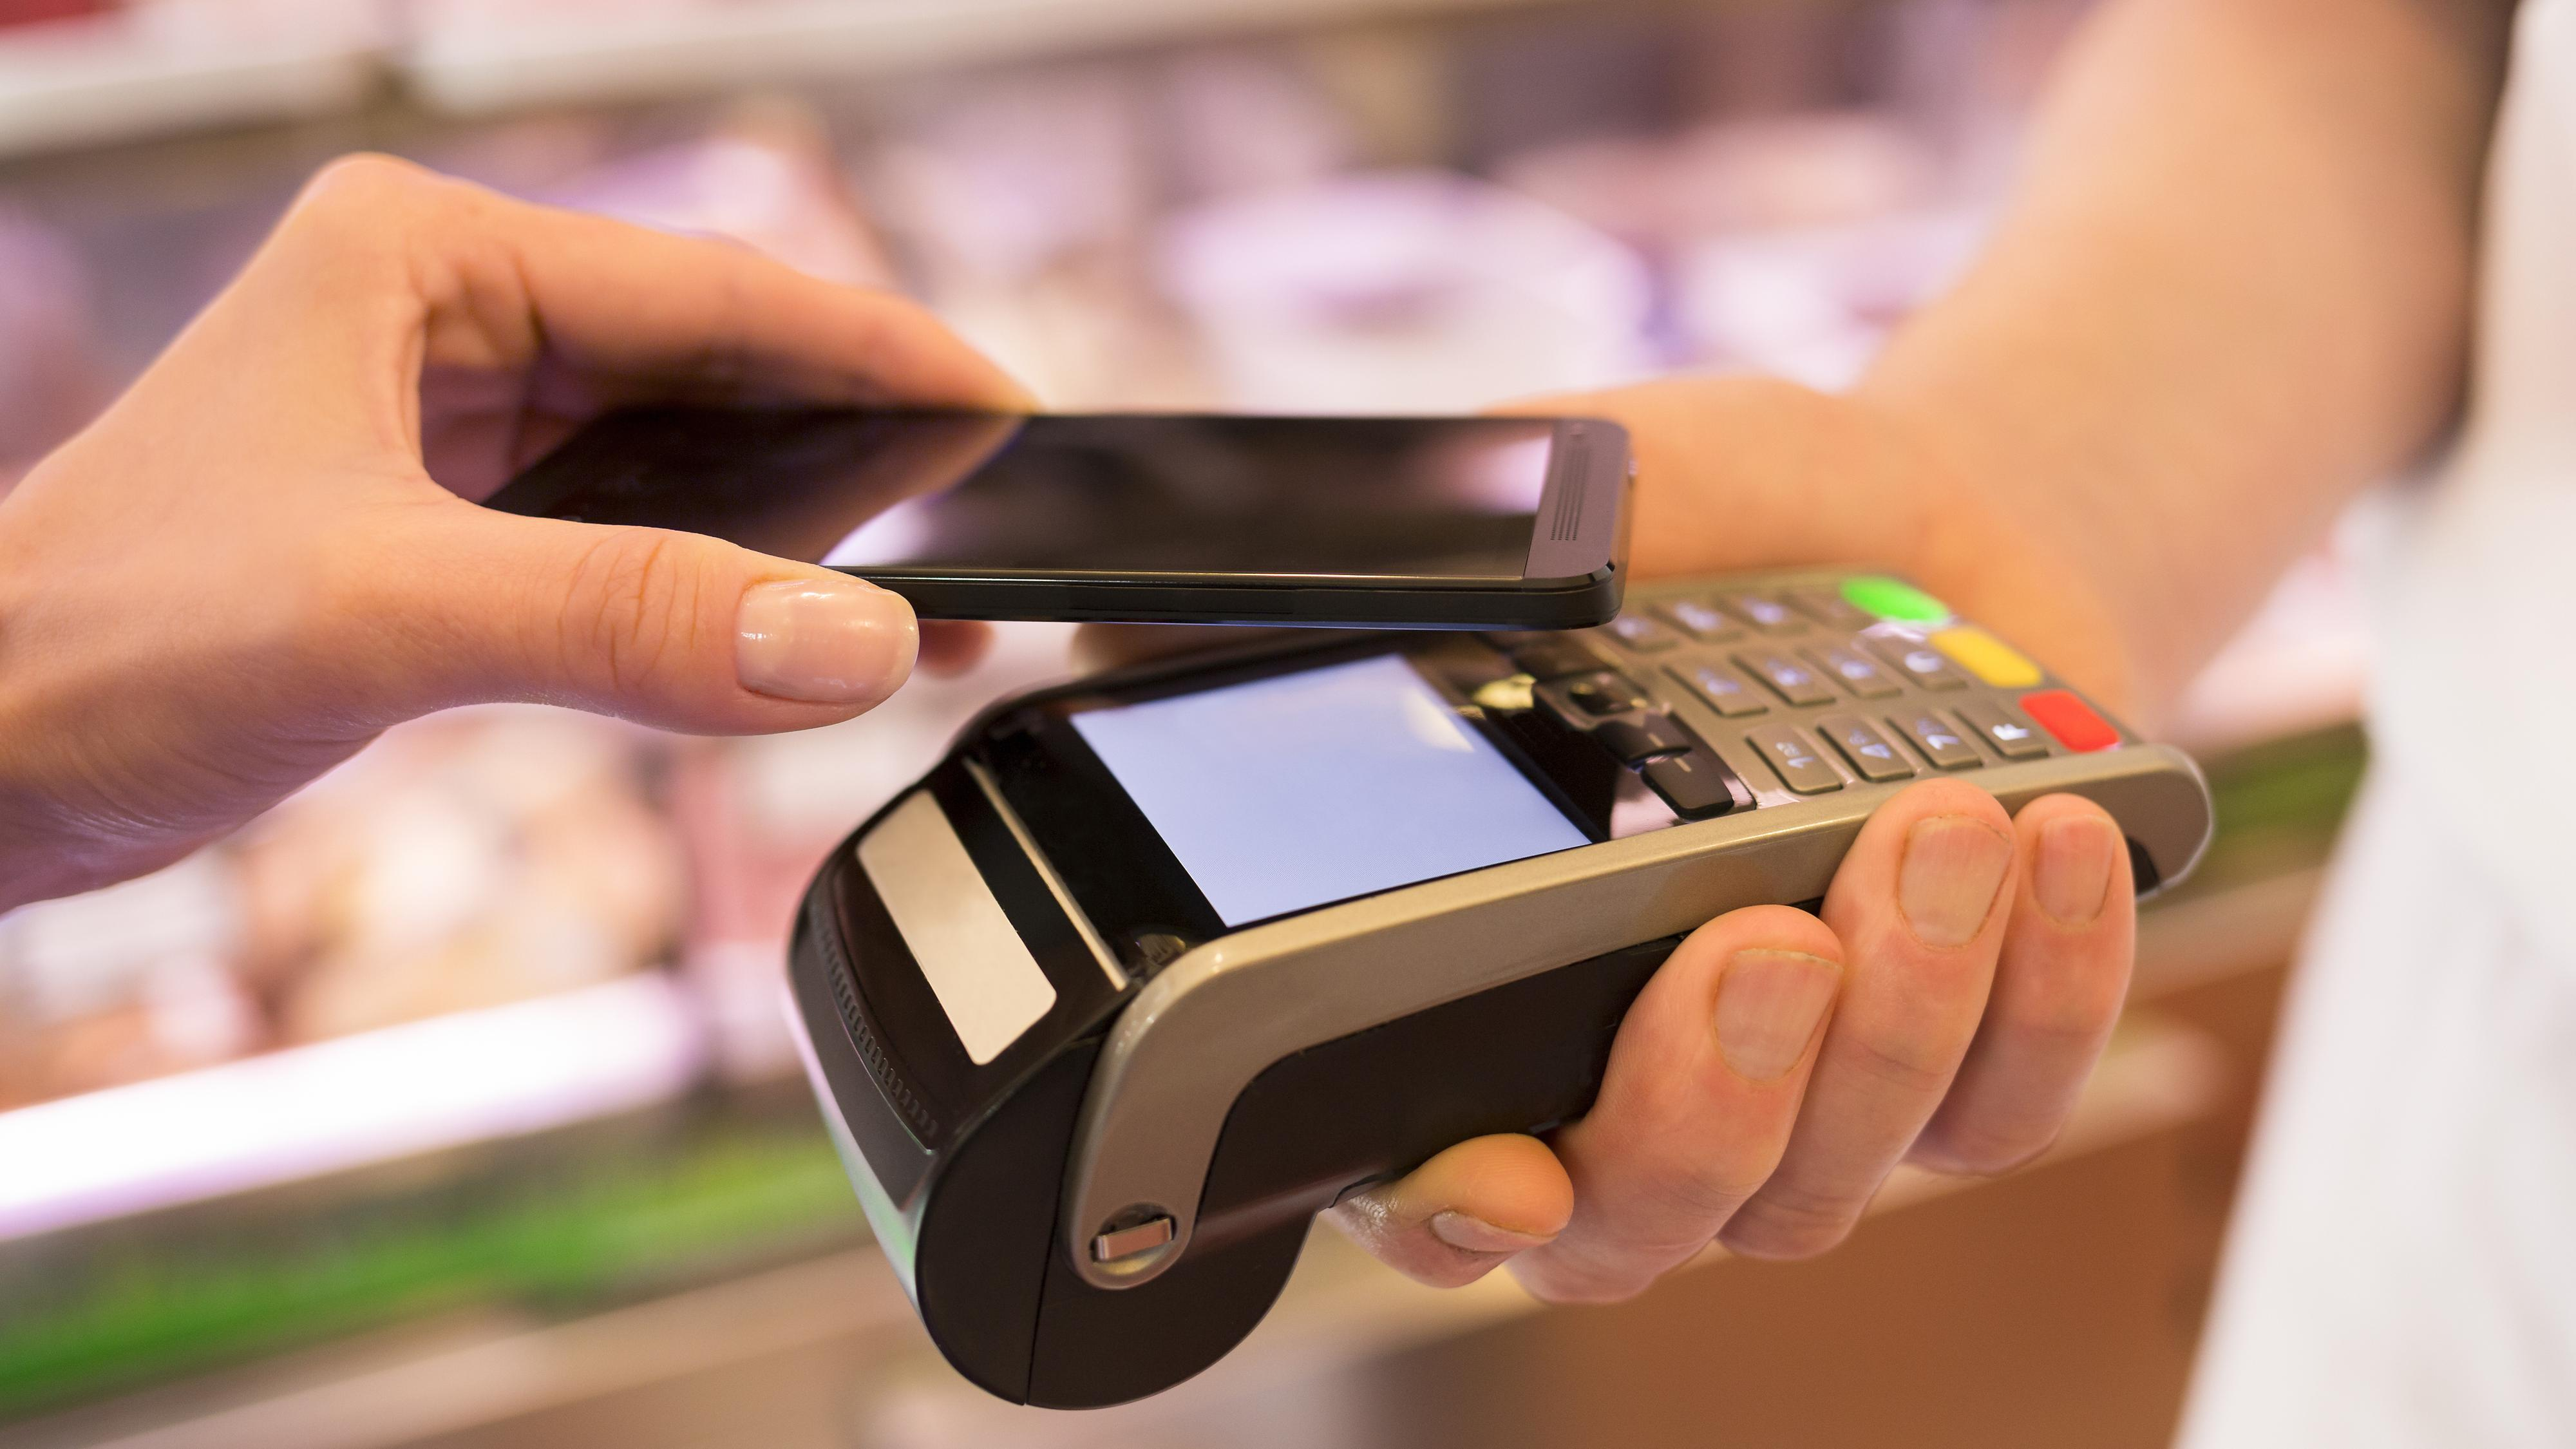 Nå kommer det enda en mobilbetalingsløsning